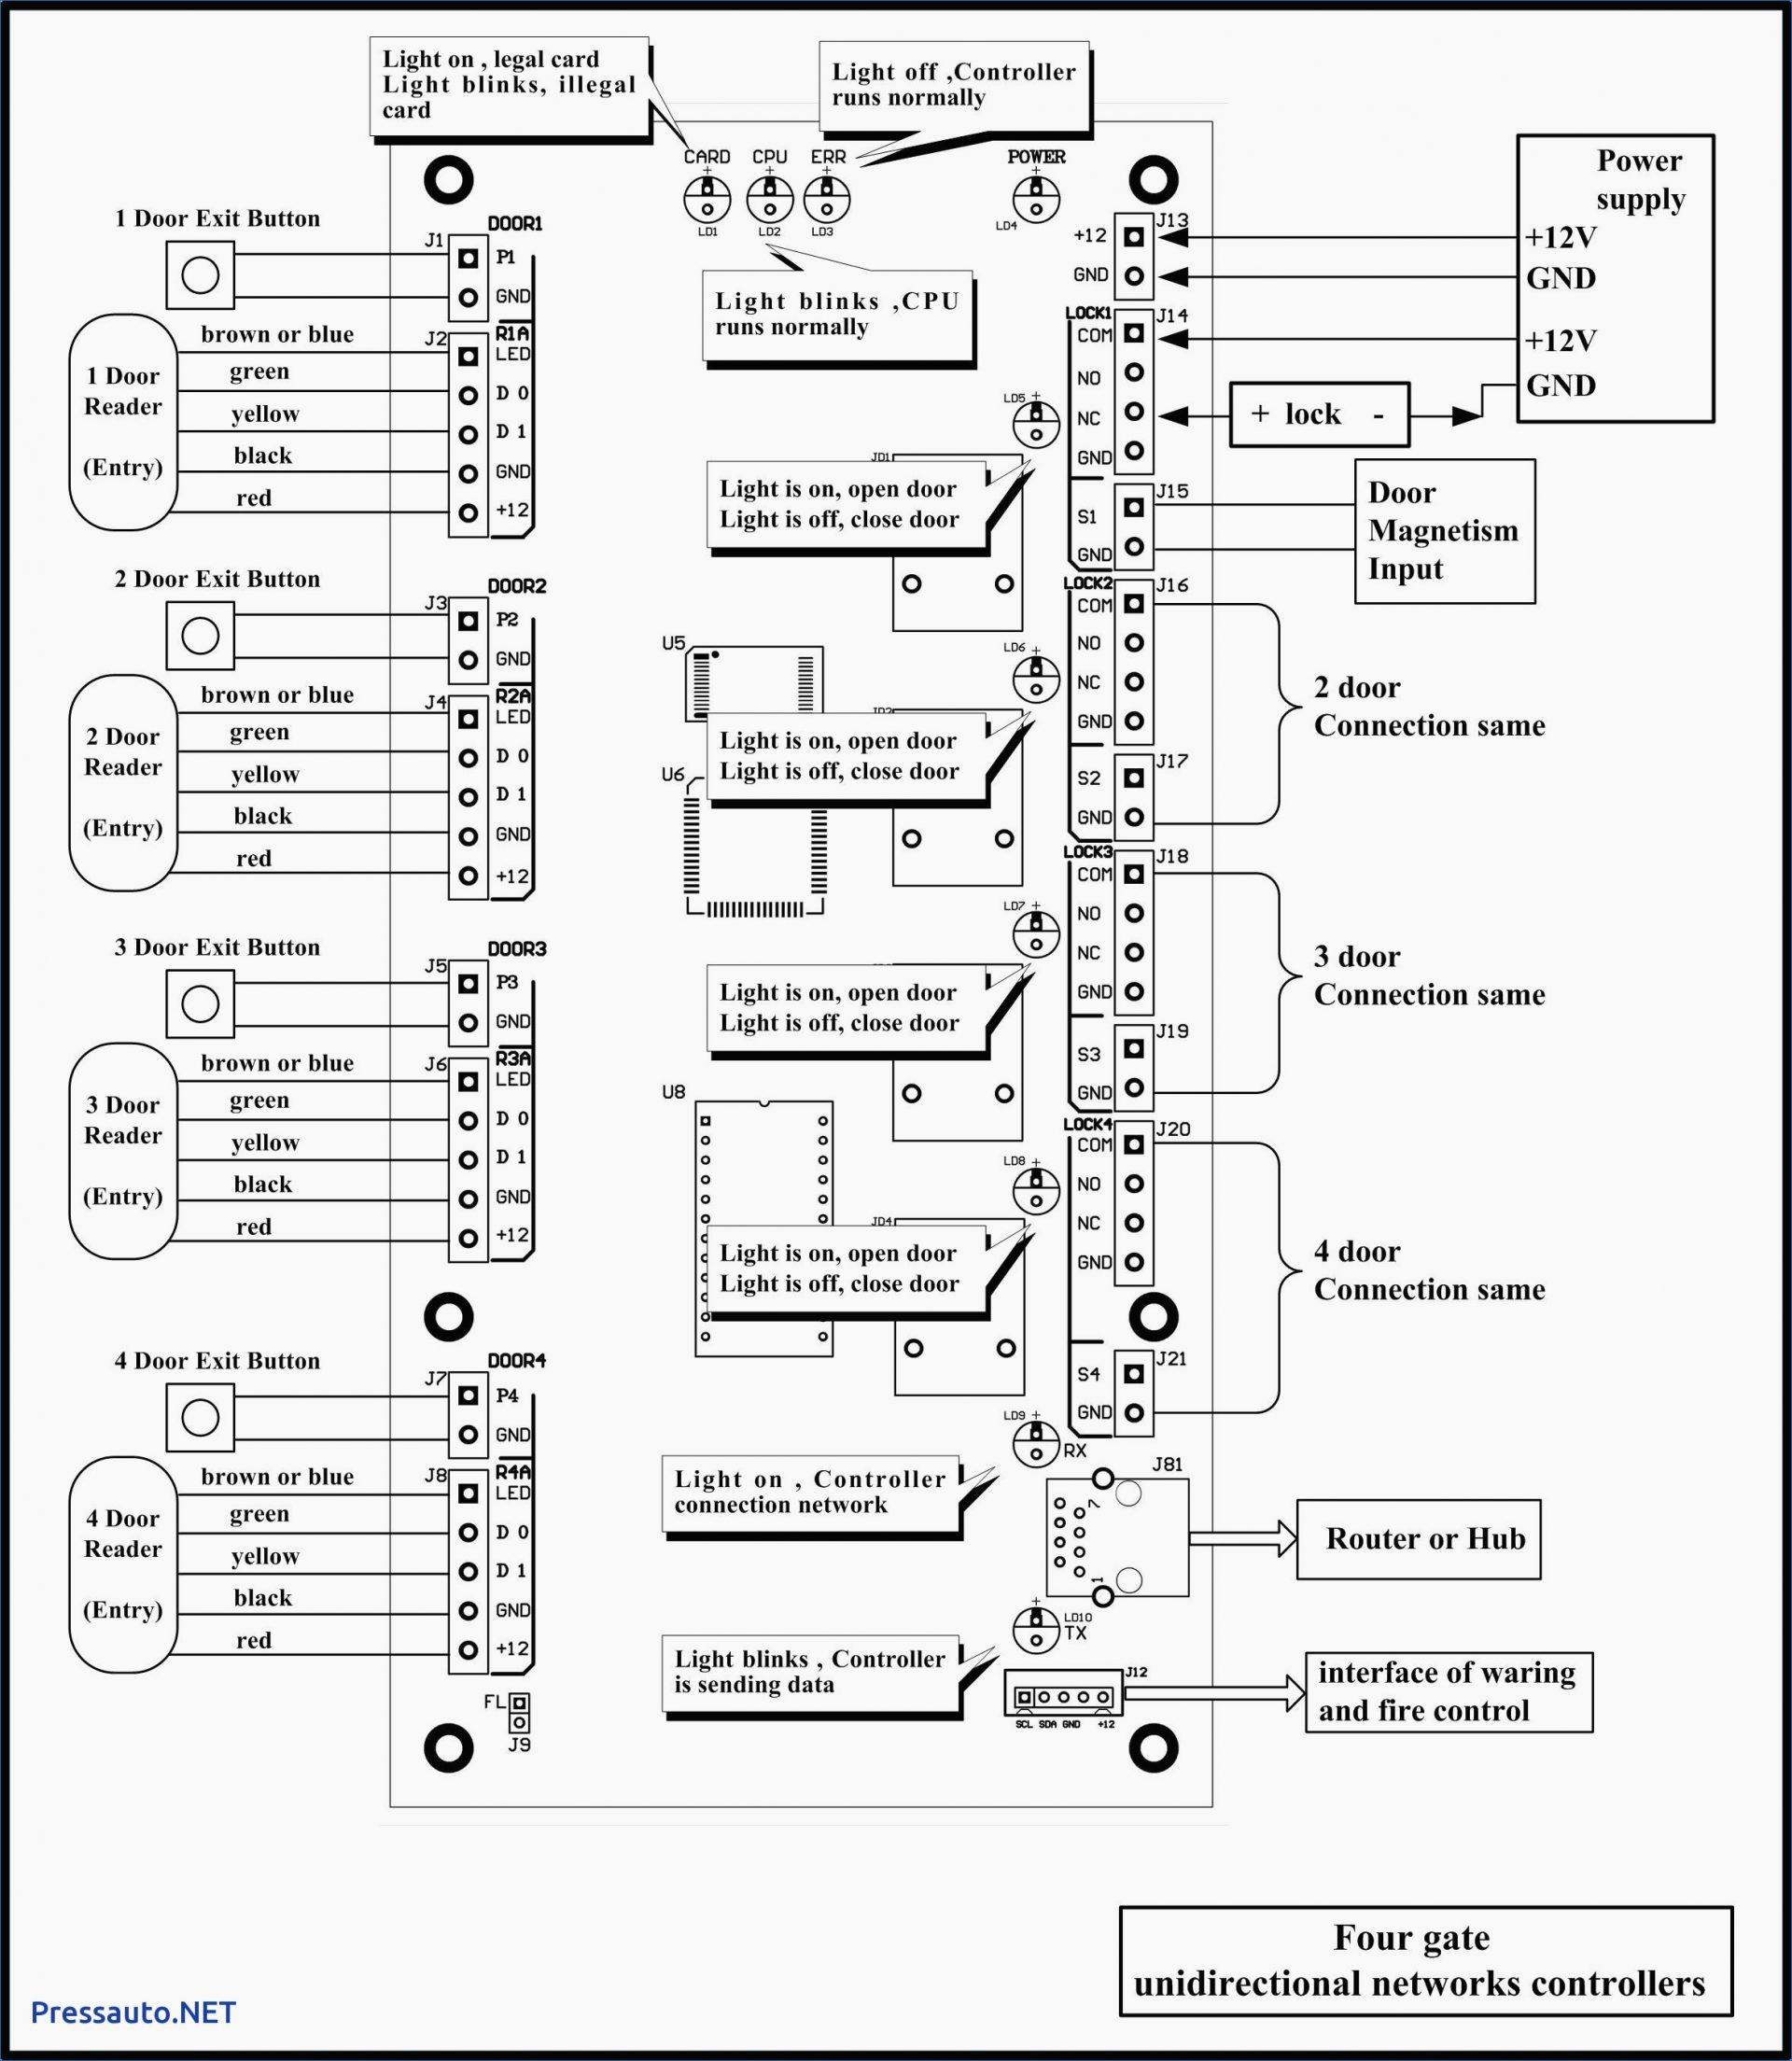 kenwood kdc 210u wiring diagram Collection Kenwood Stereo Wiring Diagram Awesome Jvc Radio Wiring DOWNLOAD Wiring Diagram